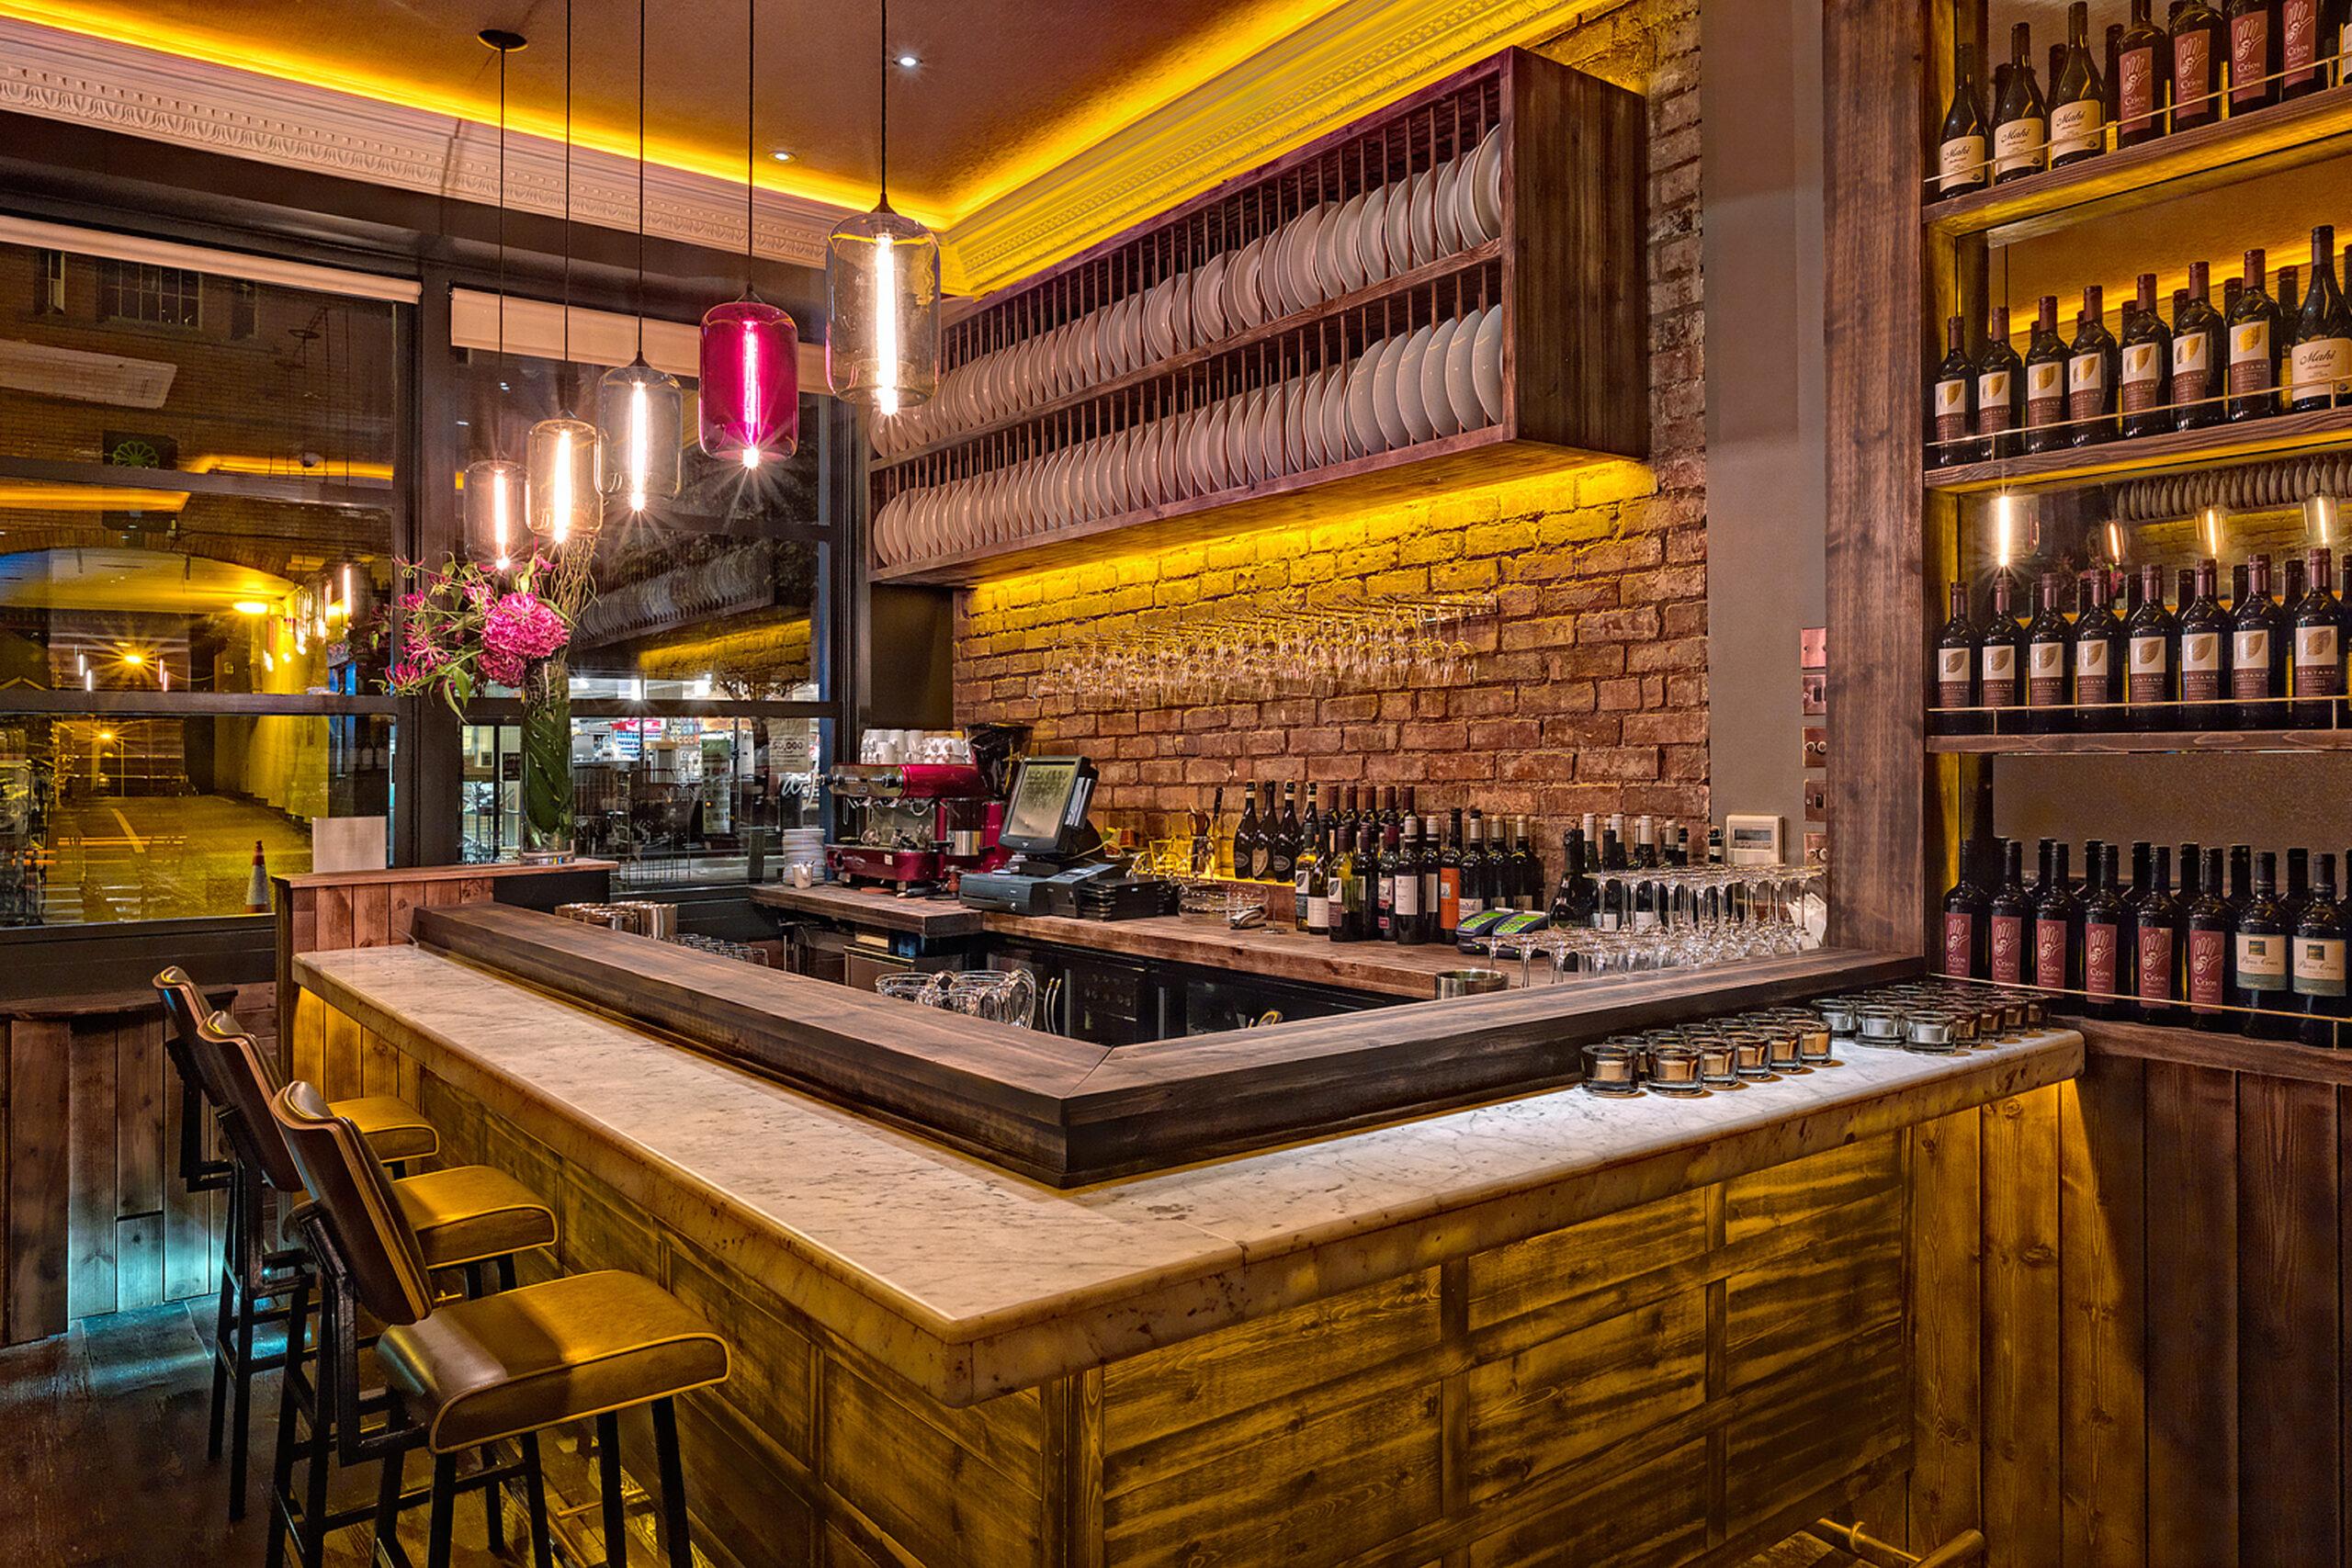 Restaurant and Bar - Kinara Kitchen